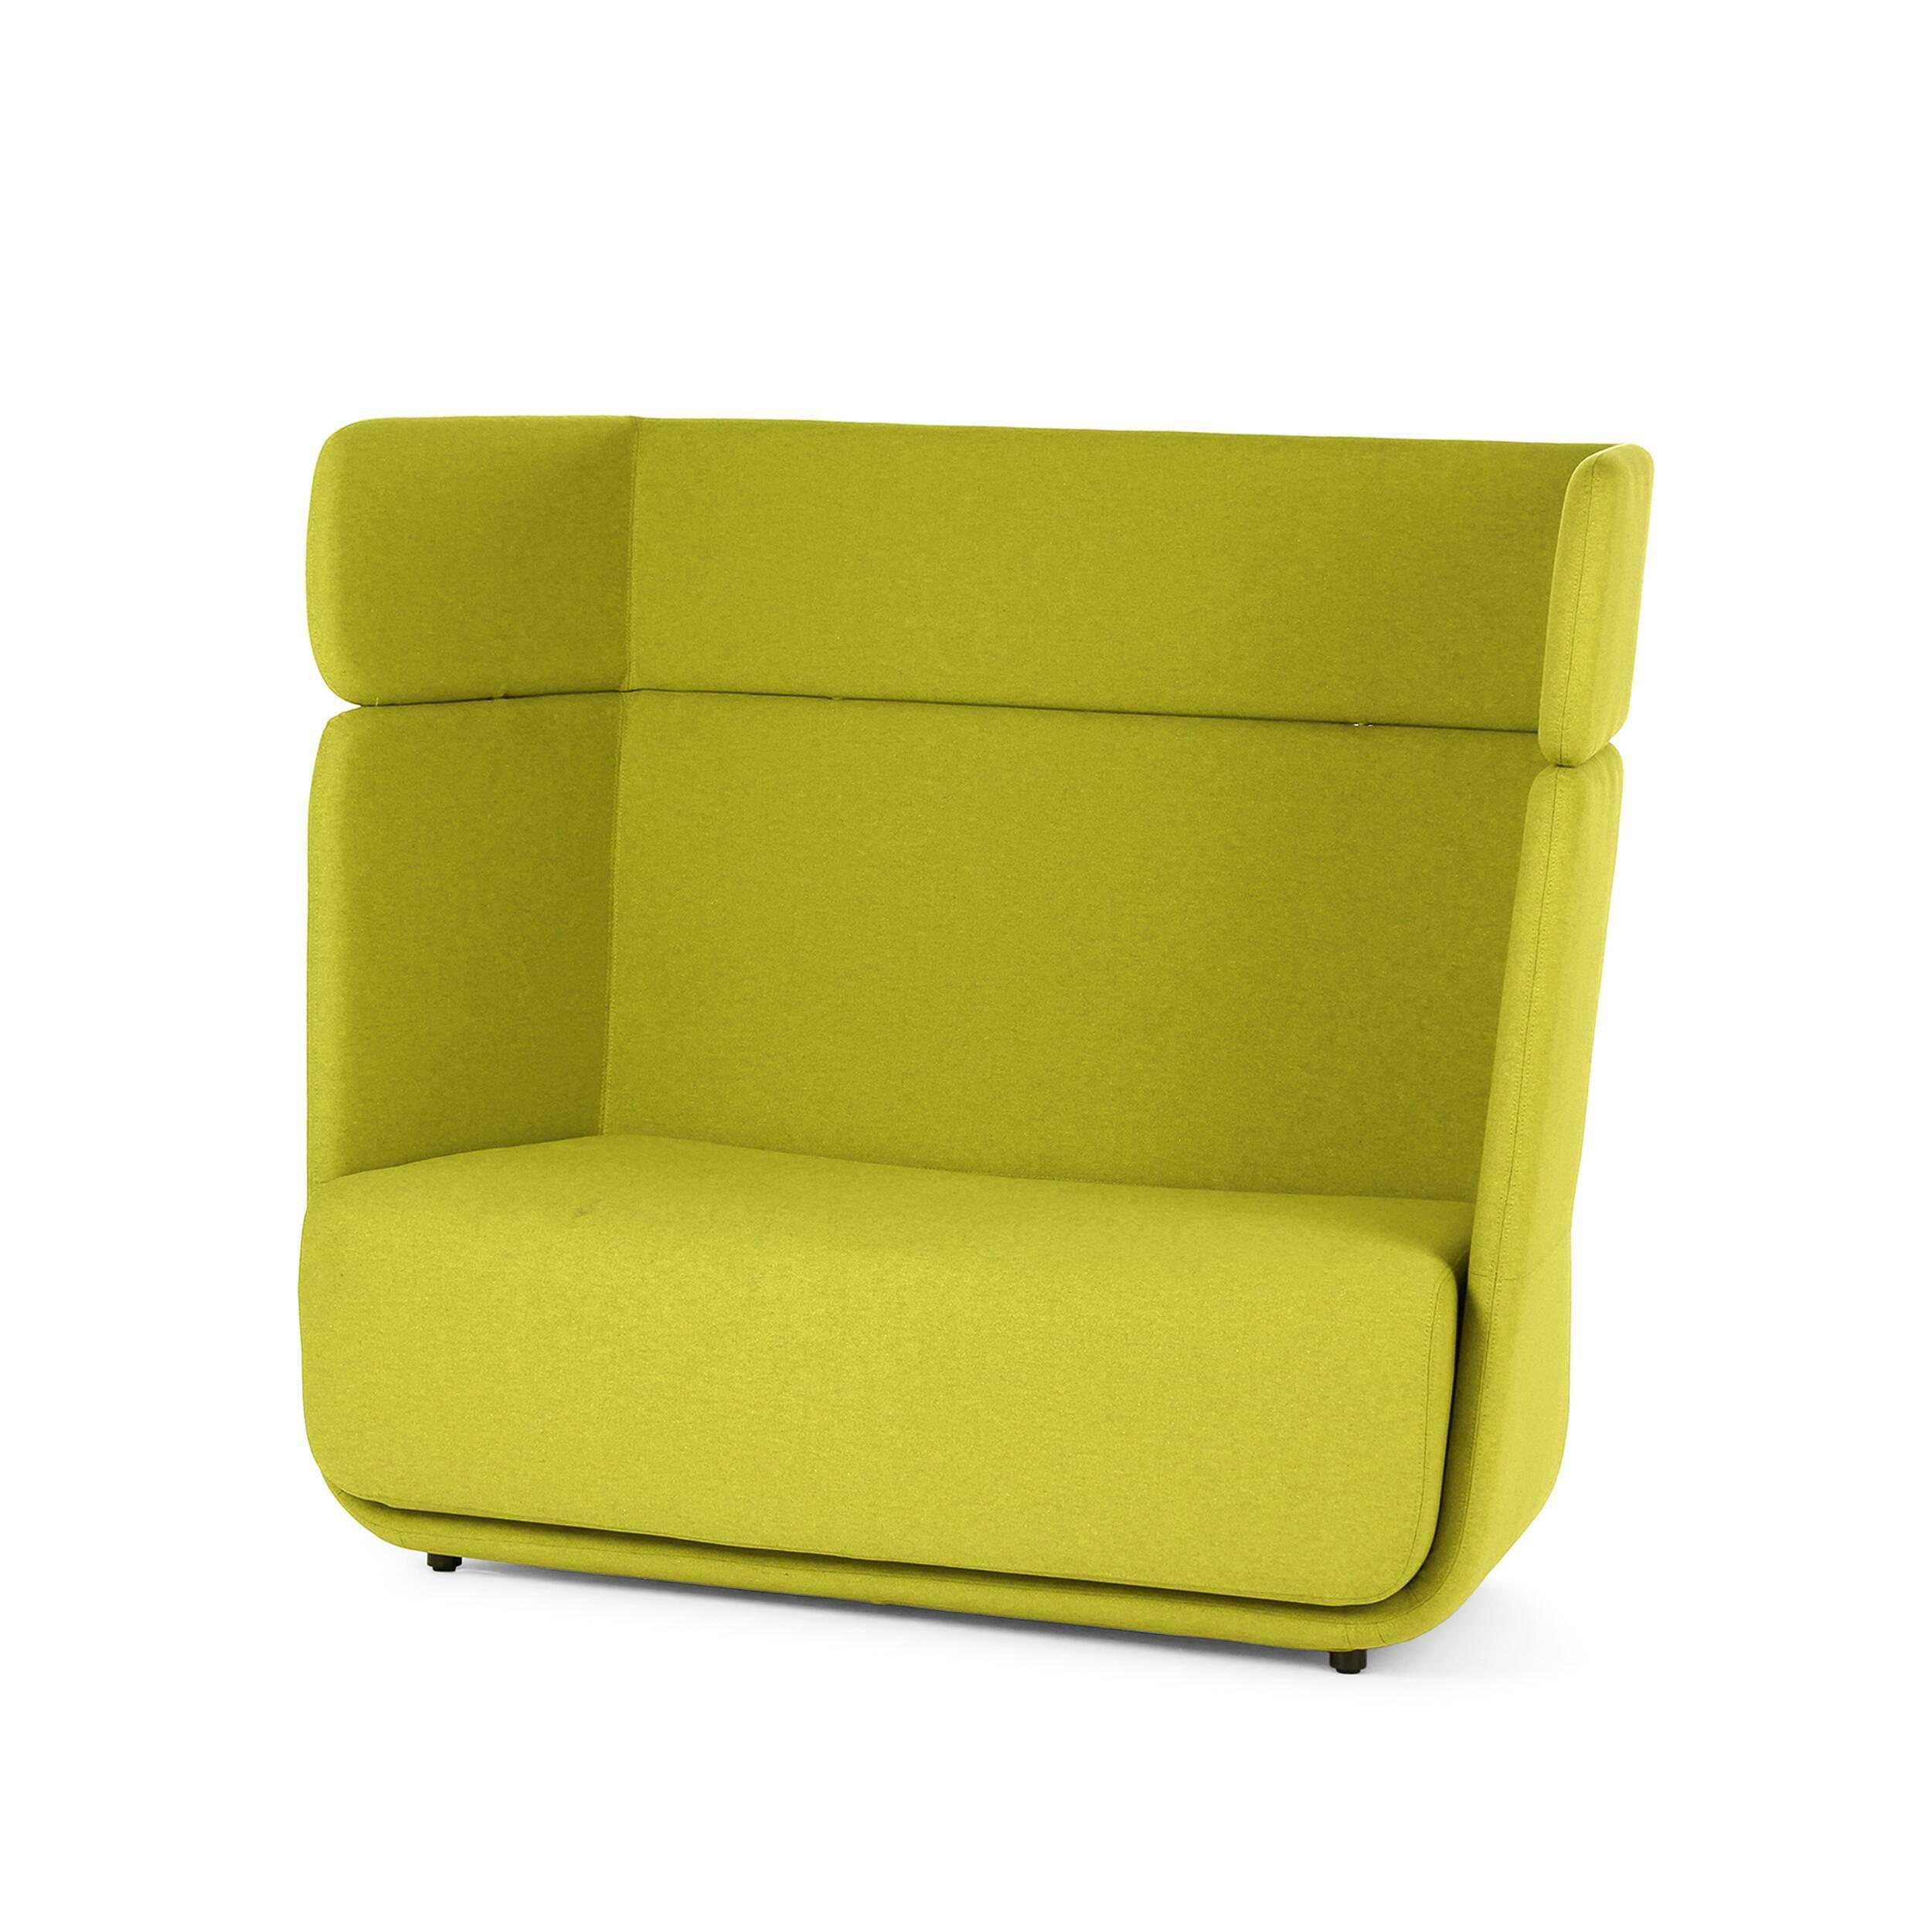 Диван BasketДвухместные<br>Дизайнерский креативный яркий диван Basket (Баскет) с высокой спинкой от Softline (Софтлайн).<br><br><br> Диван Basket разработан как интегрированная модульная система, которая позволяет вам создавать свое пространство так, как нравится вам. Он вдохновлен пляжными креслами-корзинами. Диван спроектировал Маттиас Демакер, немецкий дизайнер. Он одновременно обучался дизайну, работал в архитектурных студиях и сотрудничал с различными мастерскими. Особенность стиля Демакера — создавать простые, но изыск...<br><br>stock: 0<br>Высота: 126<br>Высота сиденья: 42<br>Глубина: 74<br>Длина: 152<br>Материал обивки: Шерсть, Полиамид<br>Тип материала каркаса: Сталь нержавеющя<br>Коллекция ткани: Felt<br>Тип материала обивки: Ткань<br>Цвет обивки: Желтый